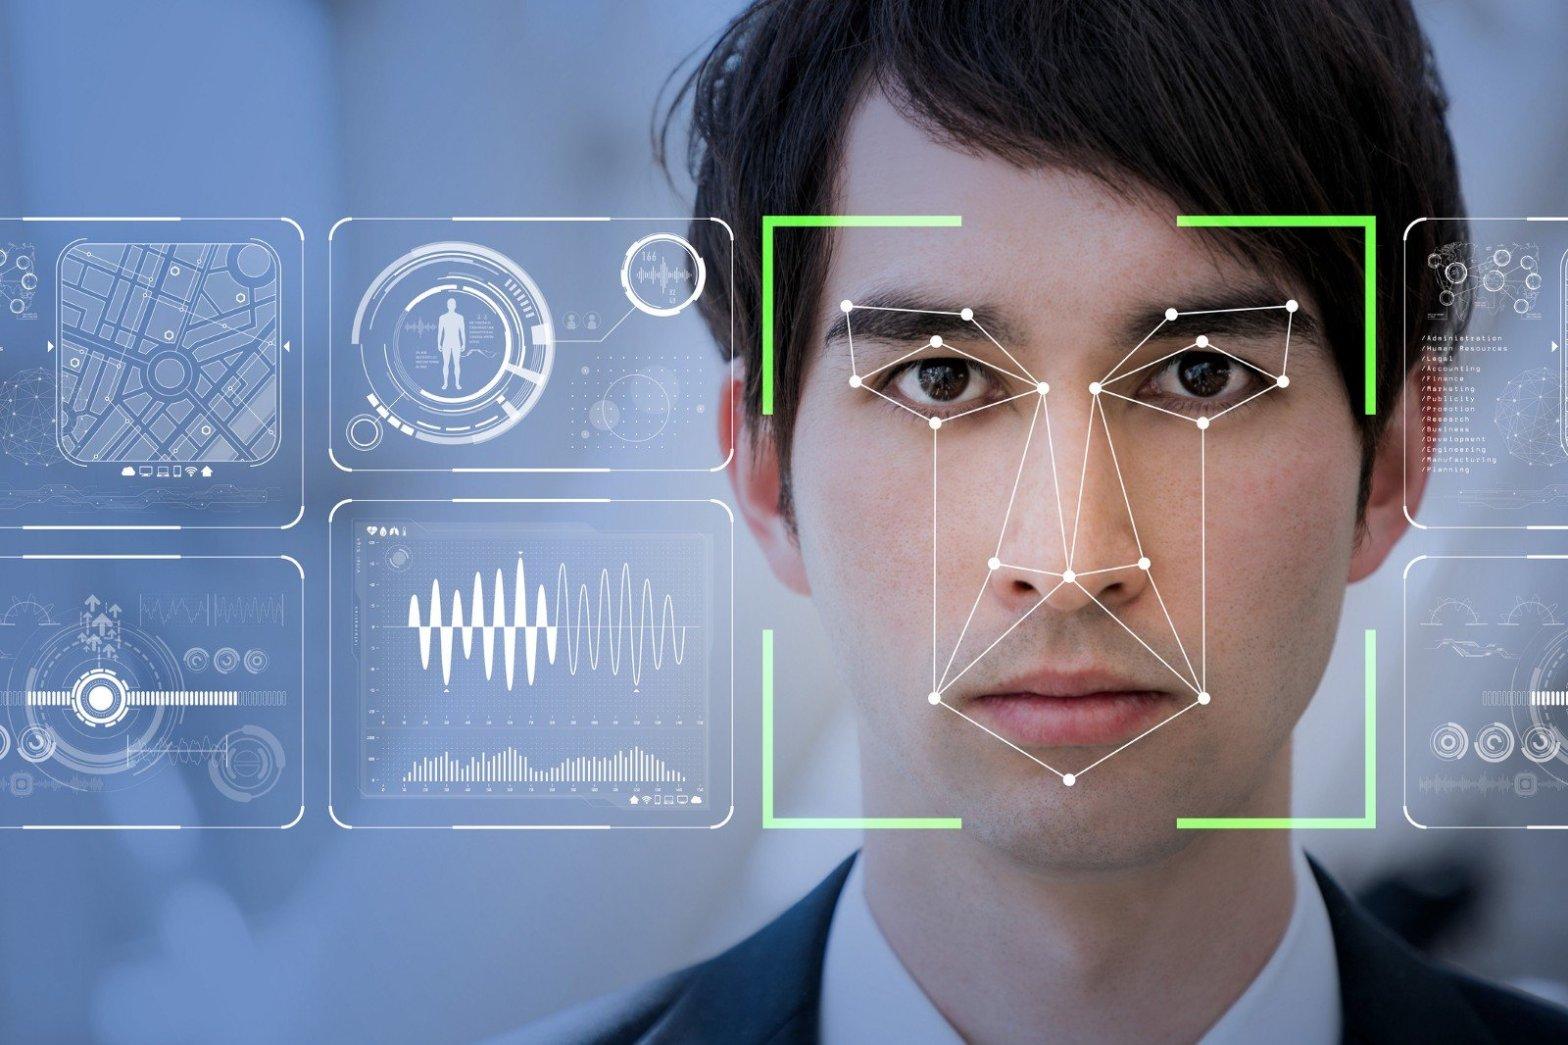 riconoscimento facciale windows problema